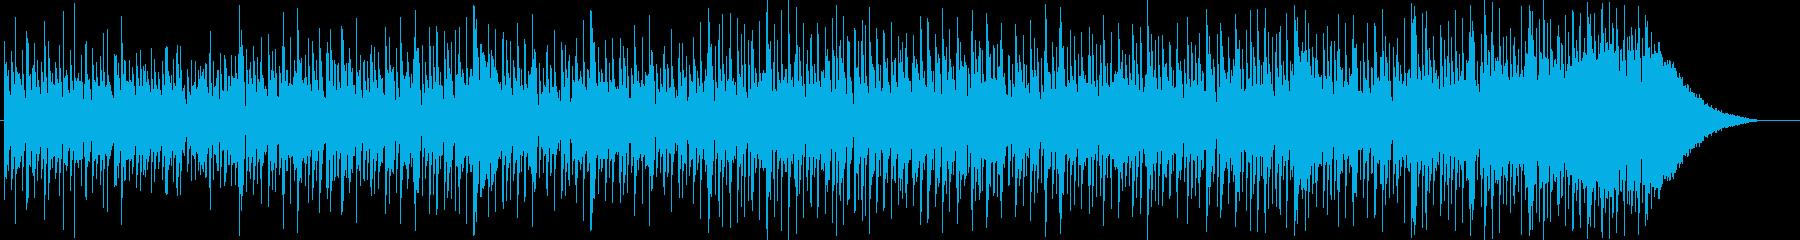 冒険・緊張感のある映像に合うBGMの再生済みの波形